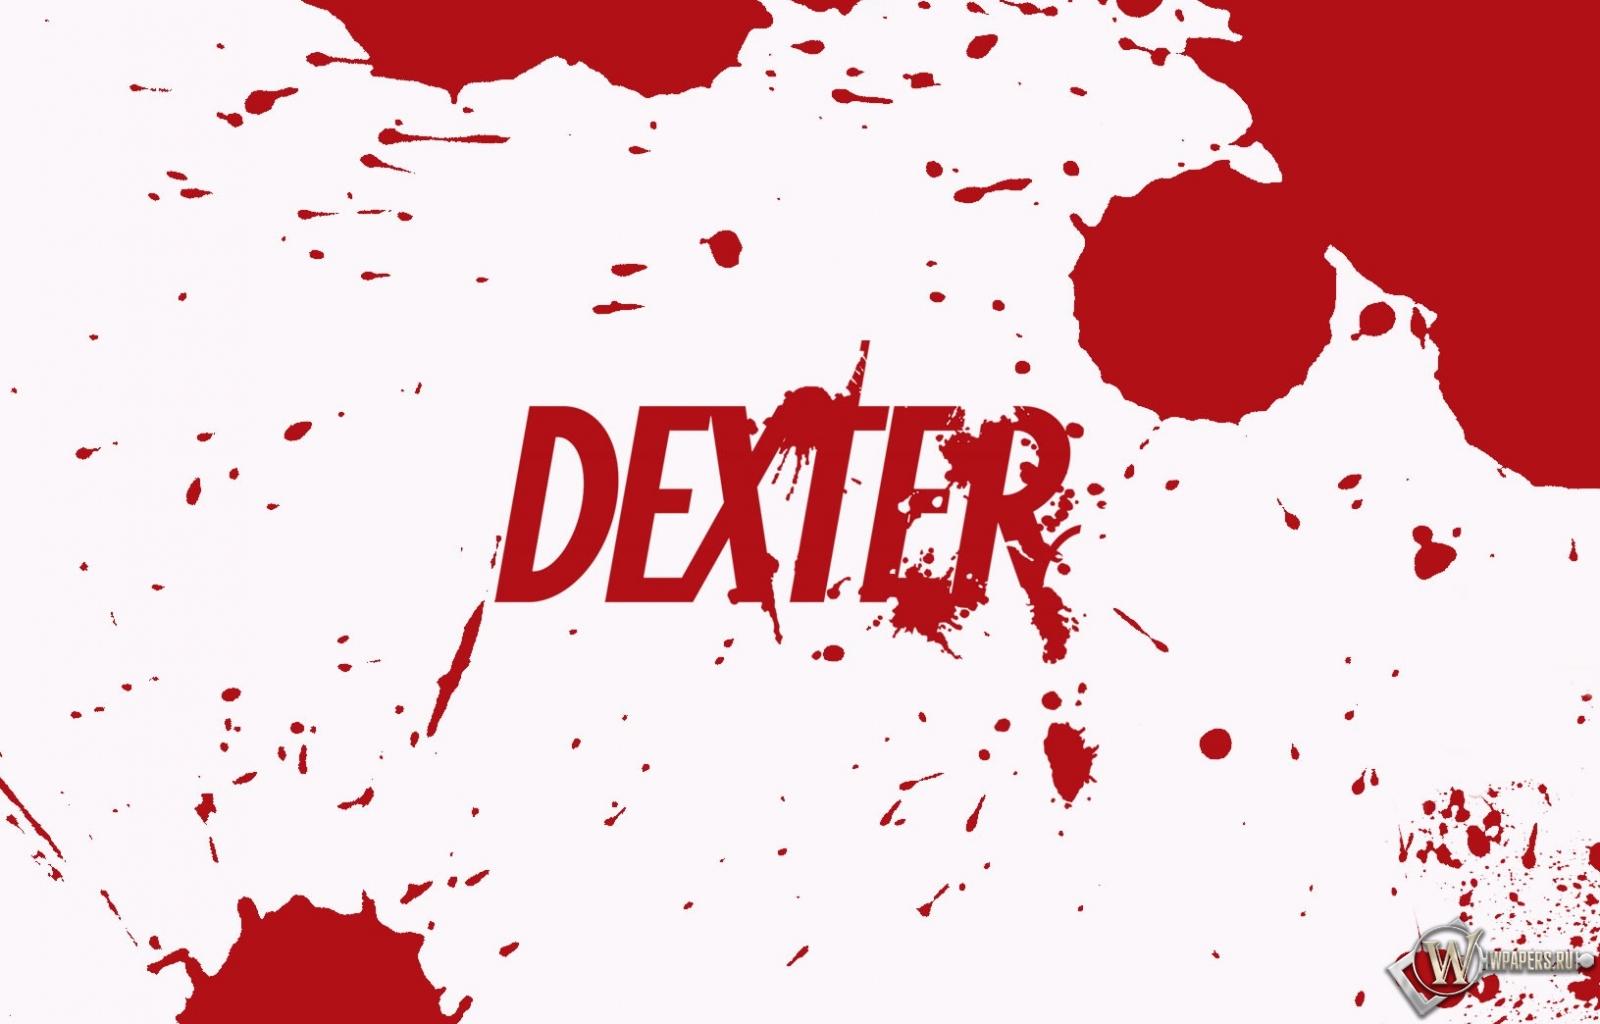 Dexter 1600x1024